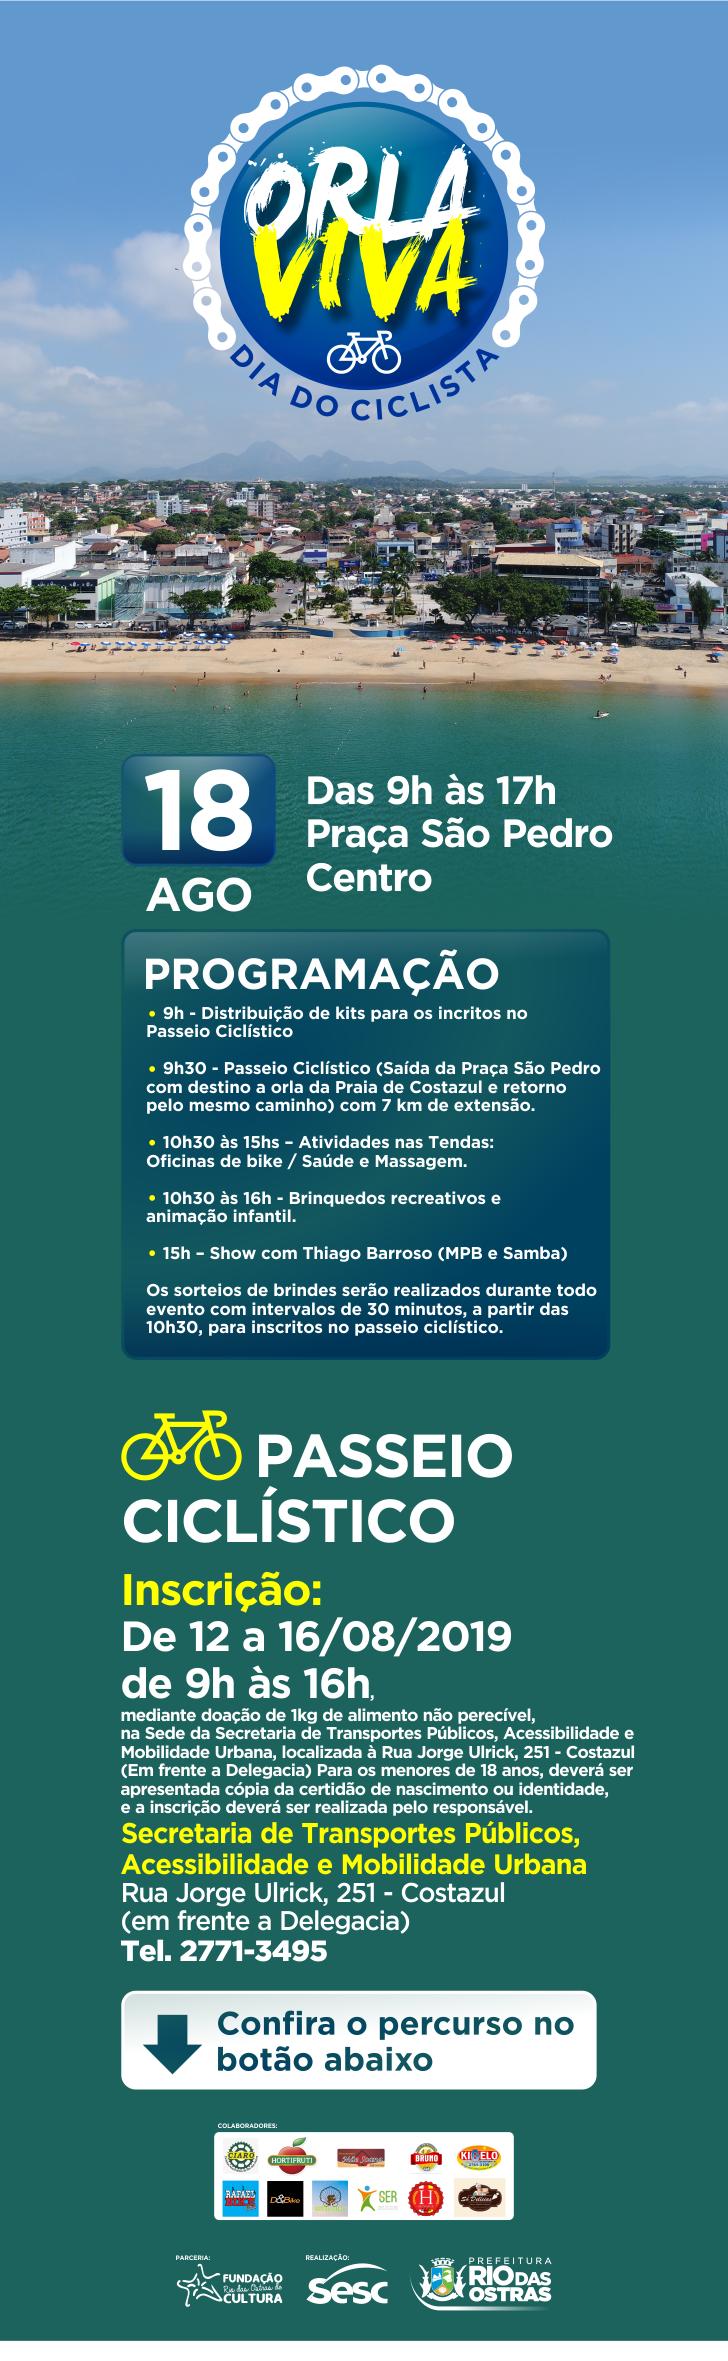 Orla Viva - Dia do Ciclista